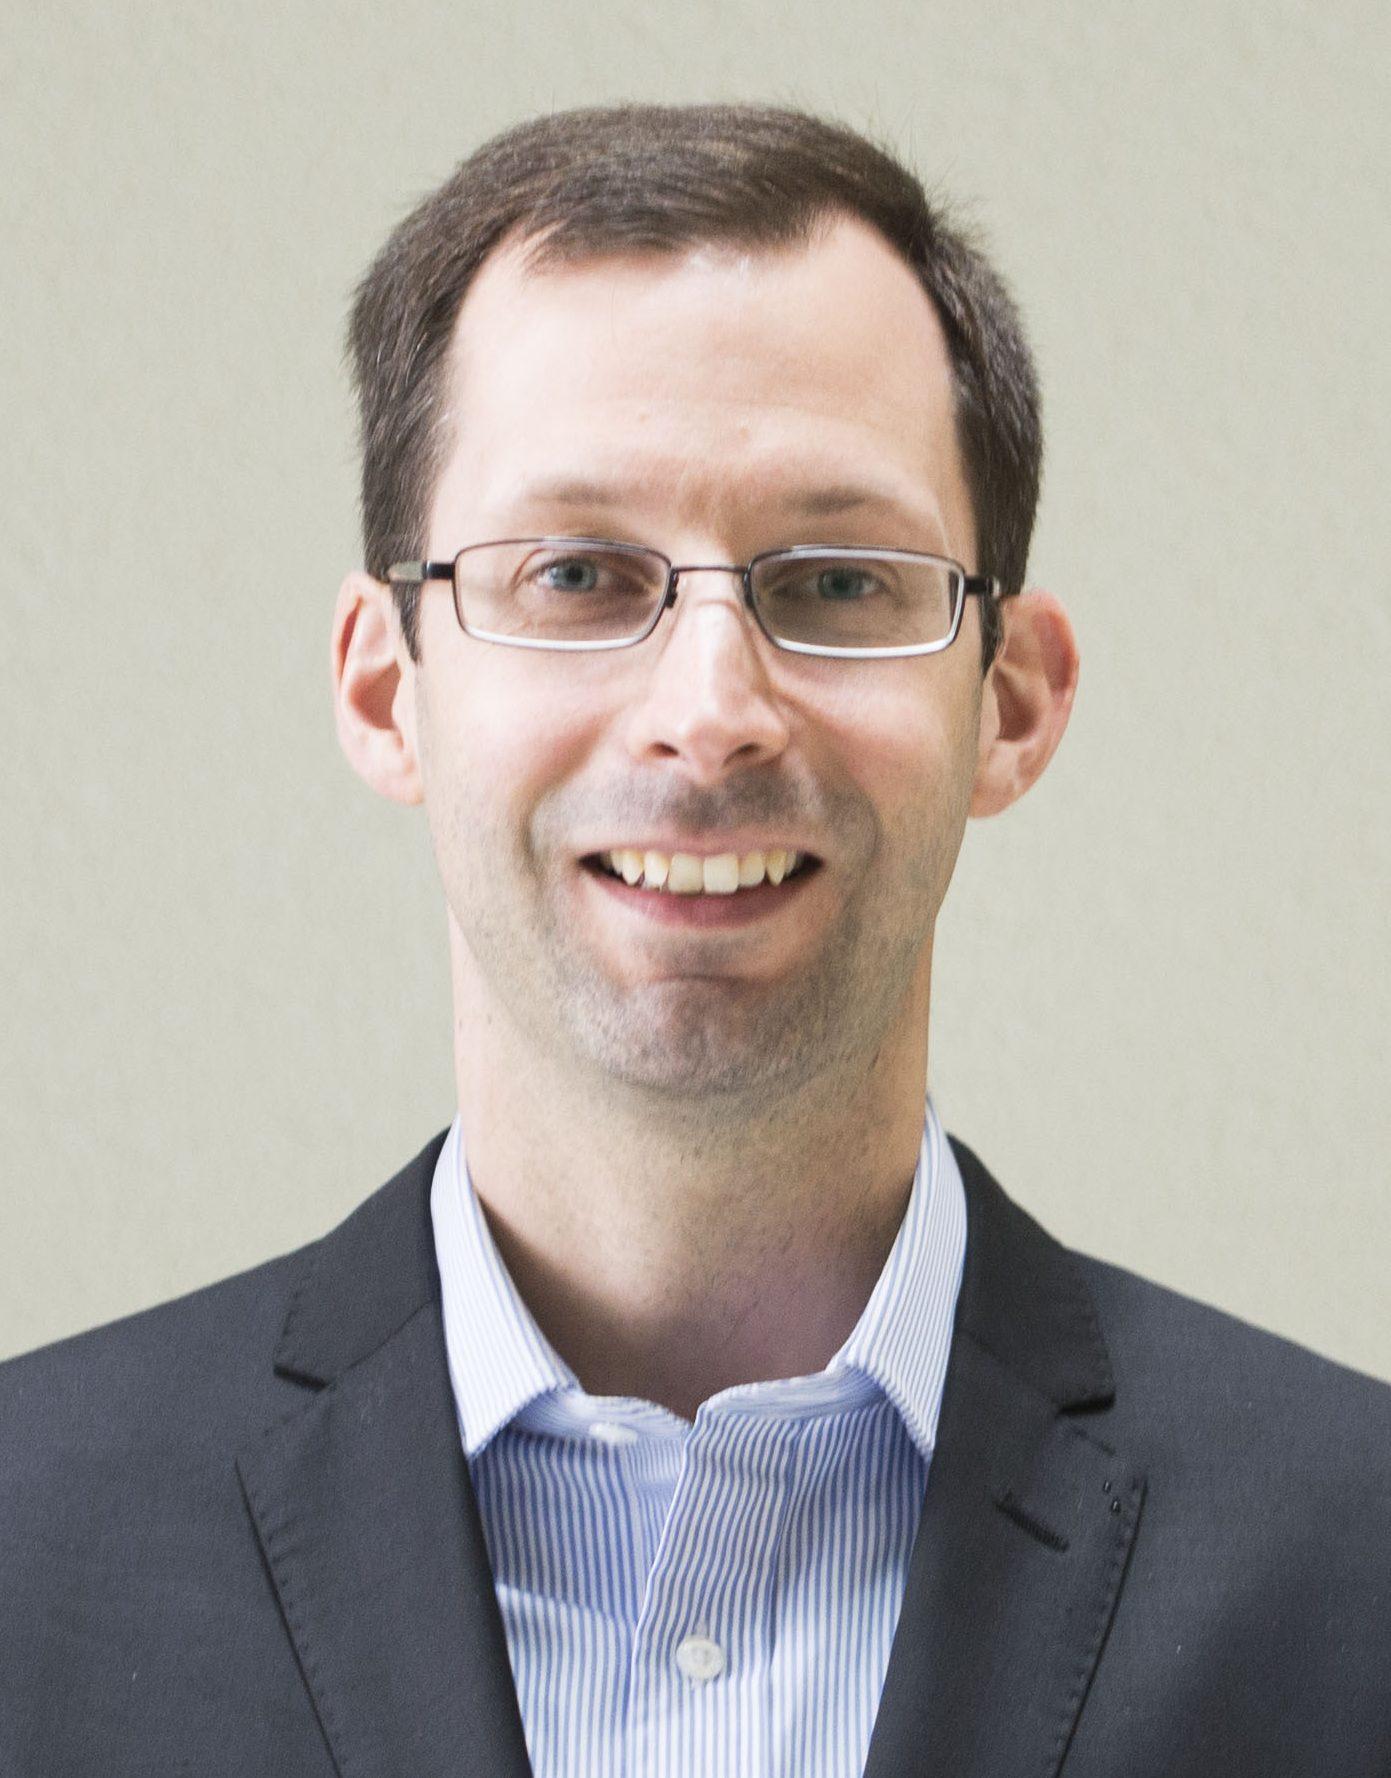 Prof. Scott Sanner